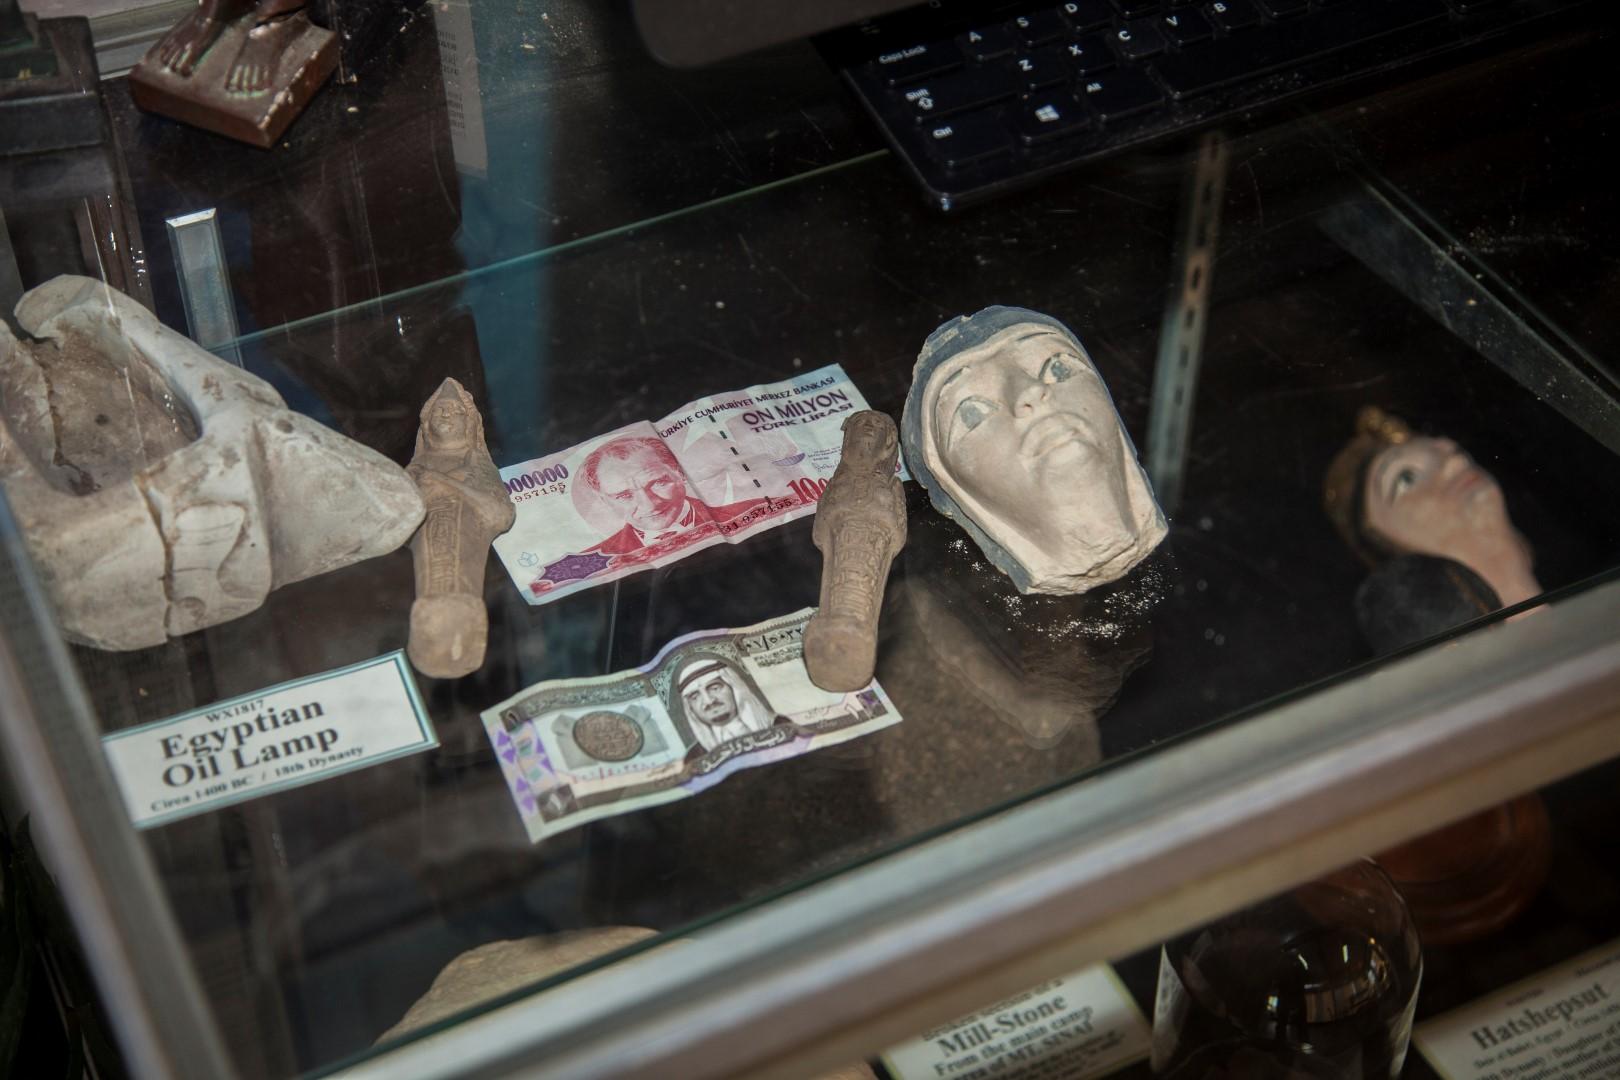 Wyattmuseum